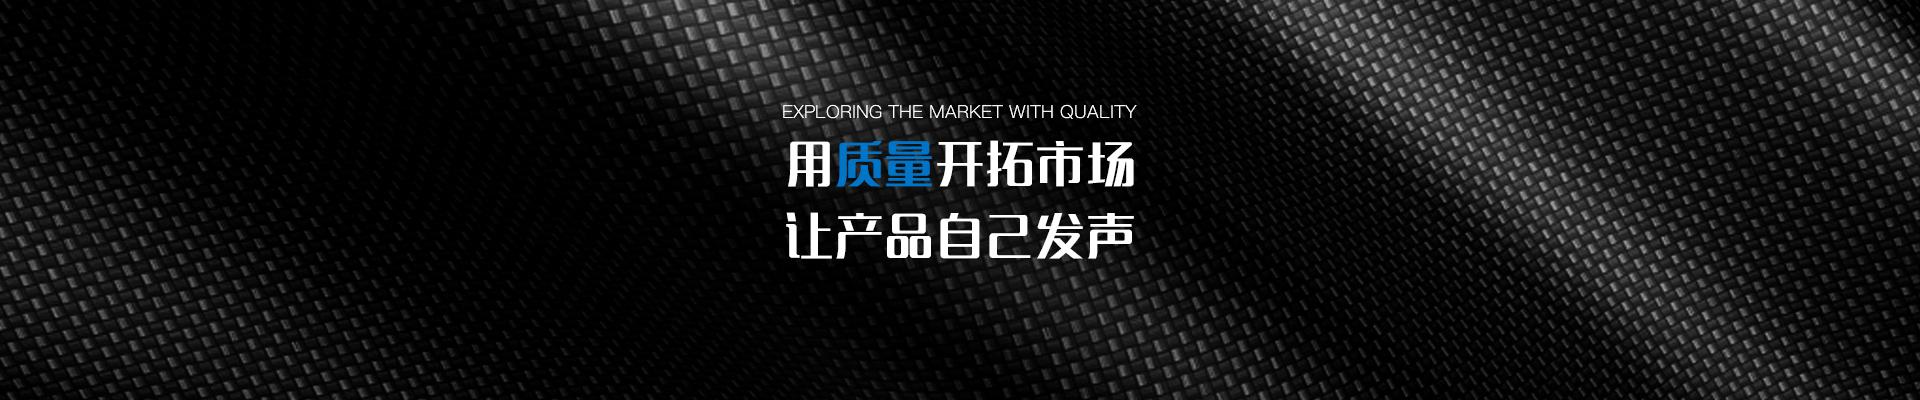 凯达碳纤维-用质量开拓市场